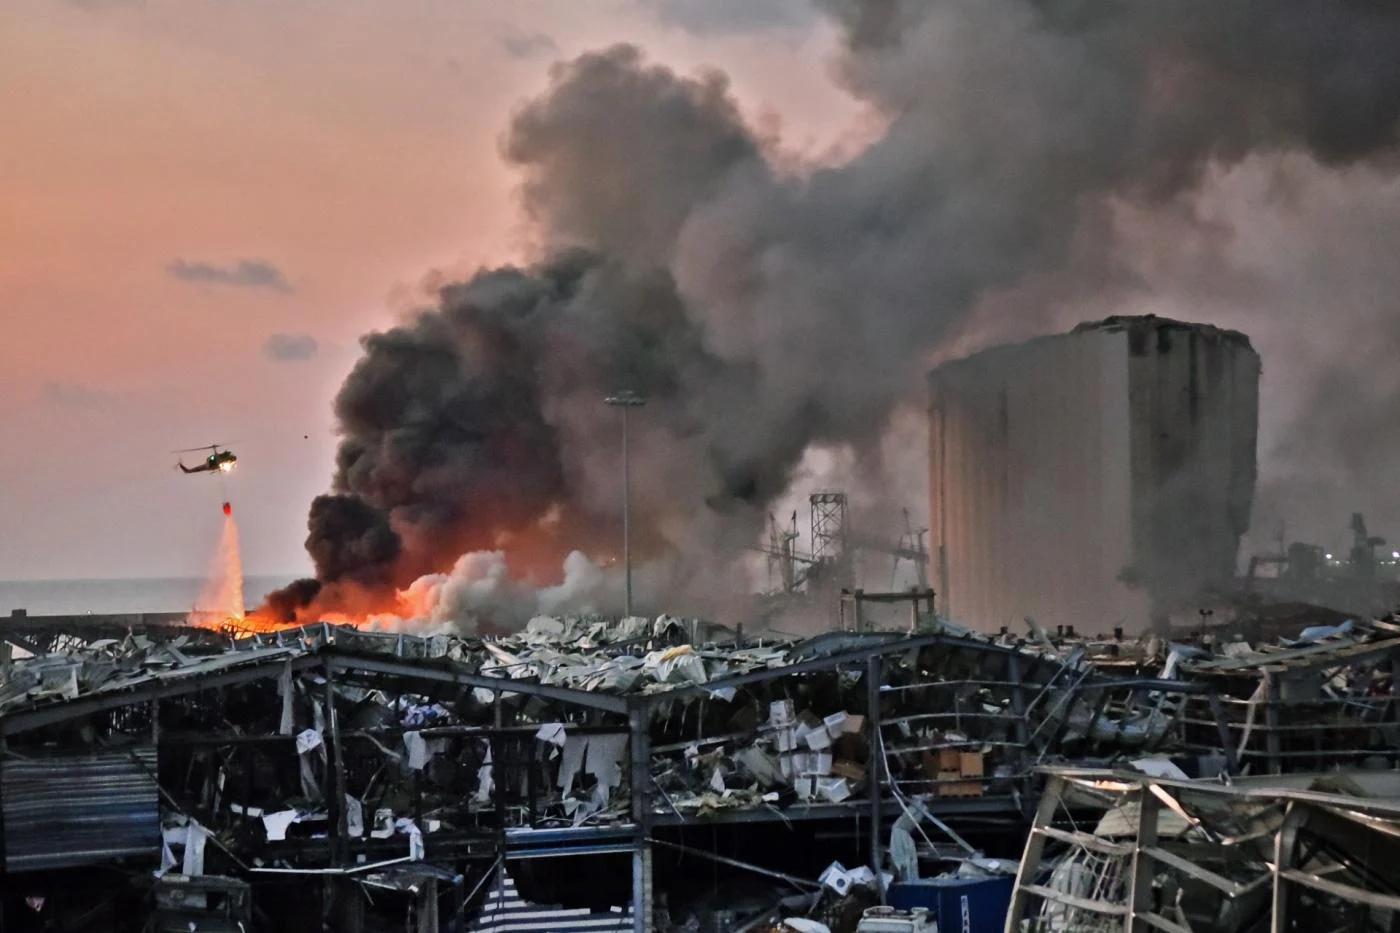 Letartóztatták a vámparancsnokot a bejrúti robbanással kapcsolatban